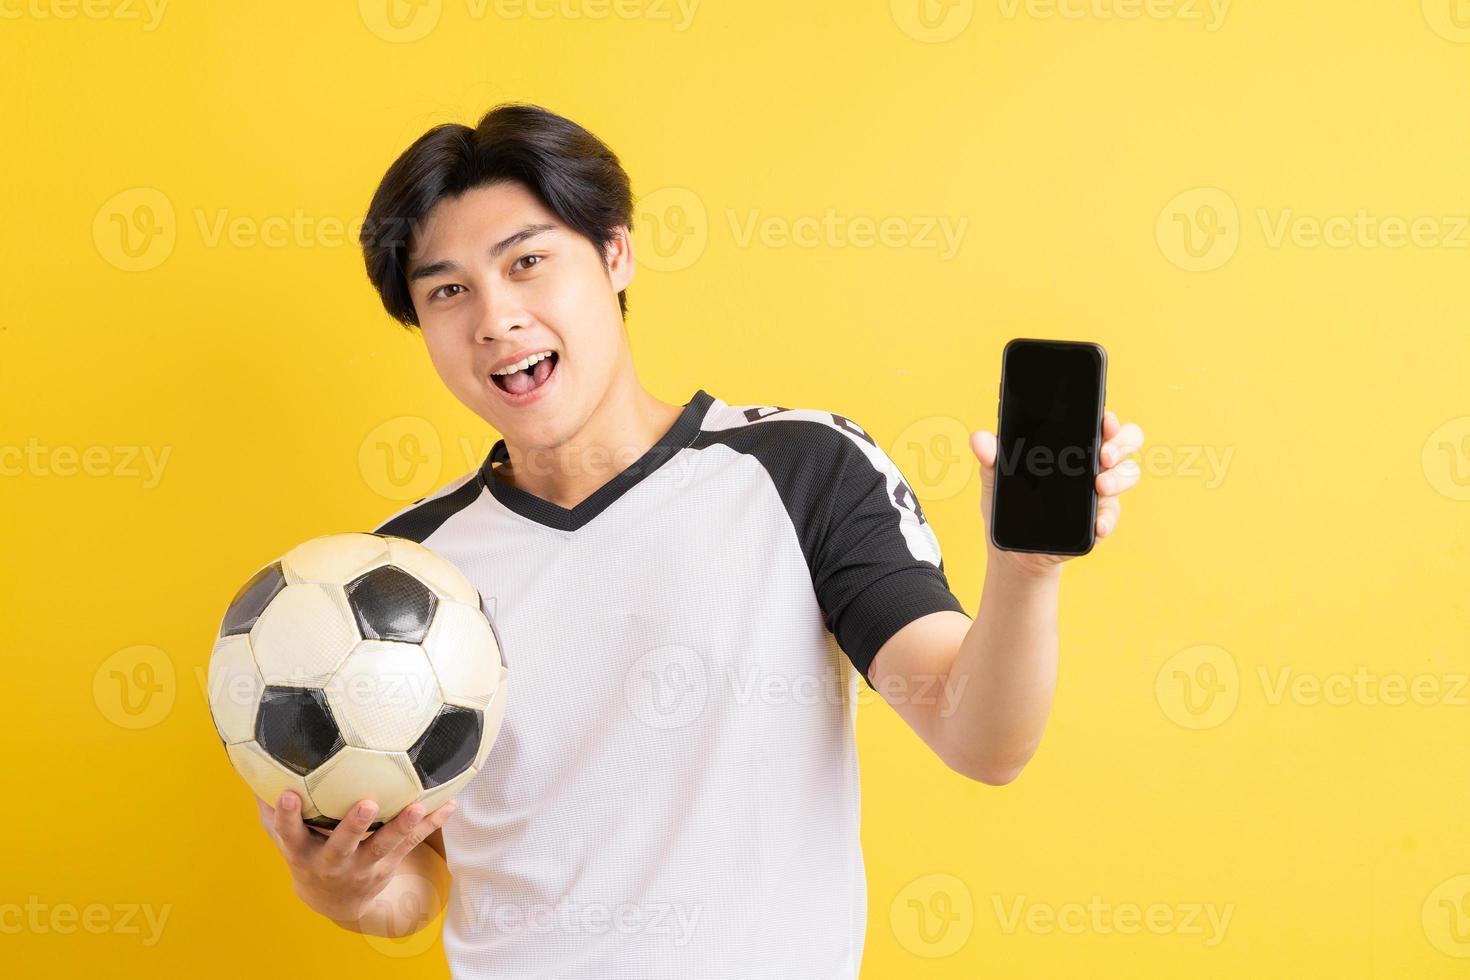 l'homme asiatique tient une balle et pointe vers le téléphone avec un écran vide photo